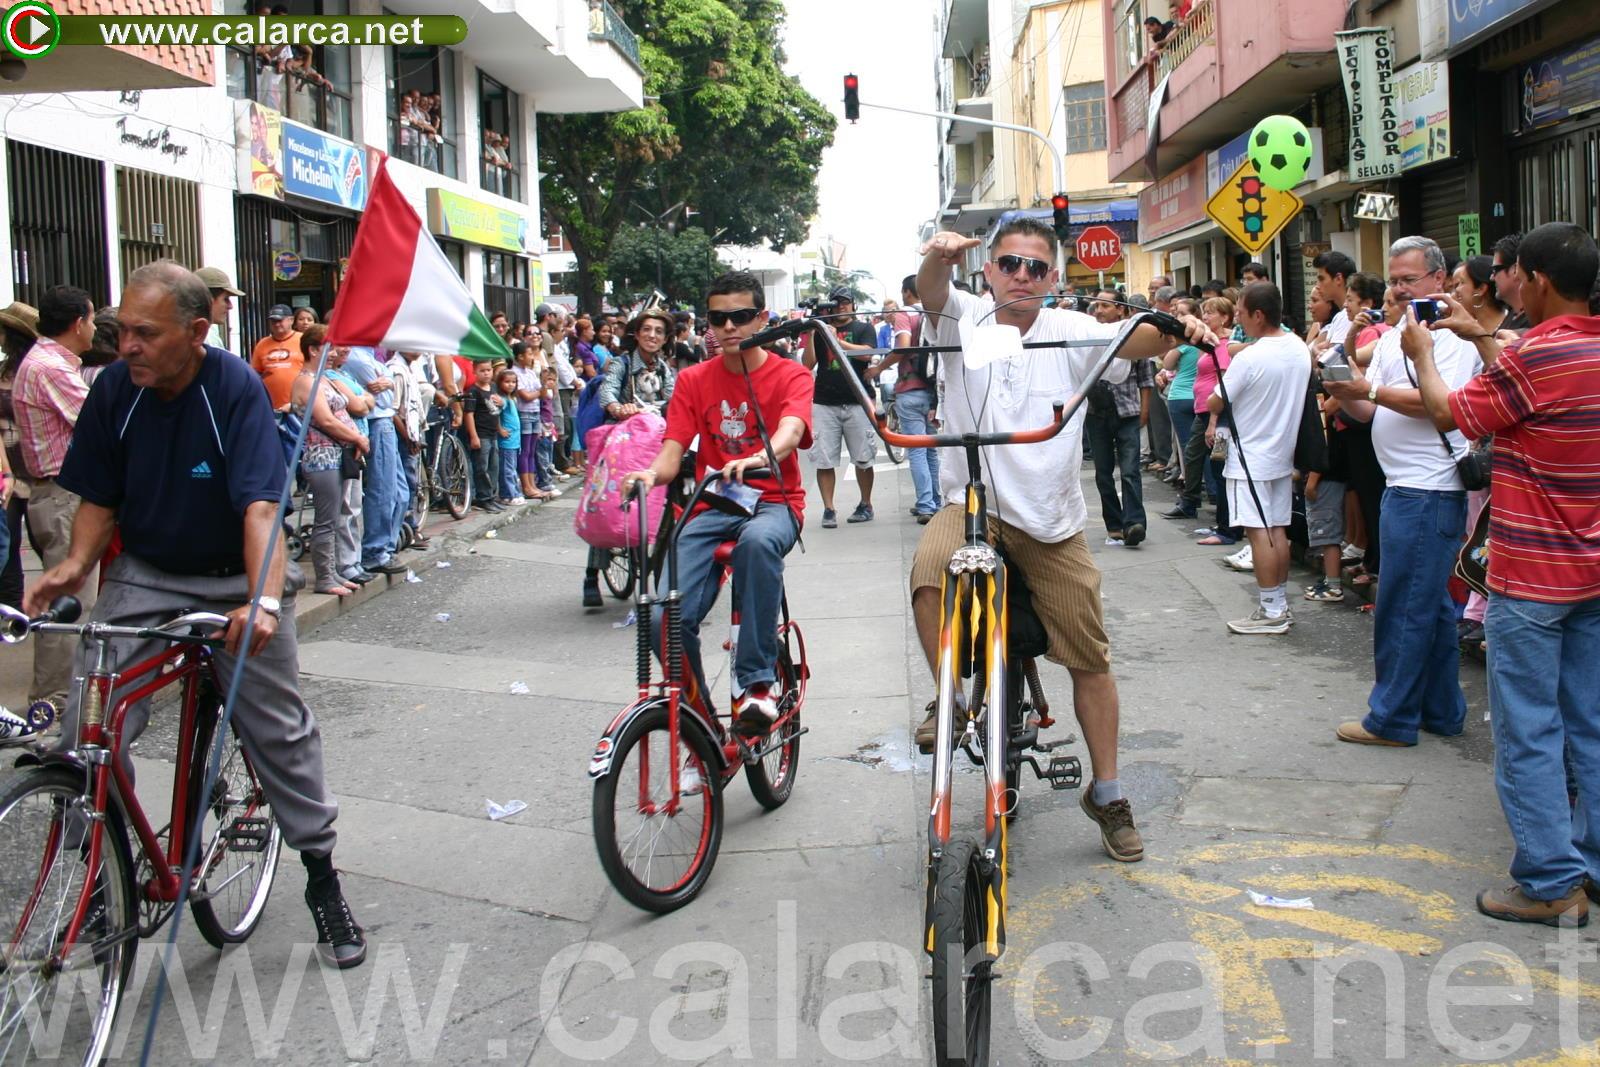 V Desfile de Bicicletas